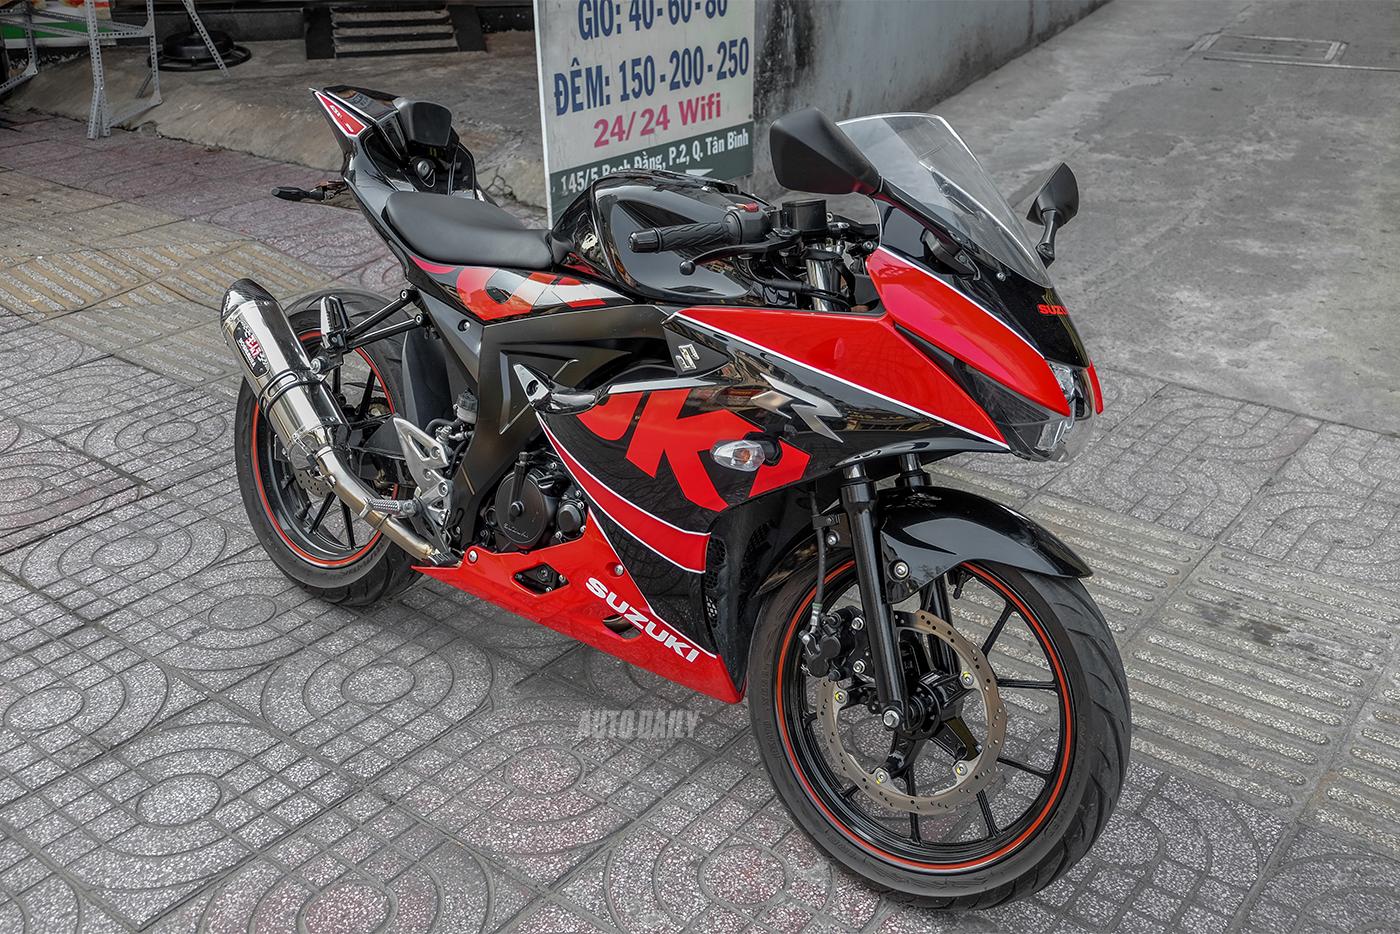 suzuki-gsx-r150-12.jpg